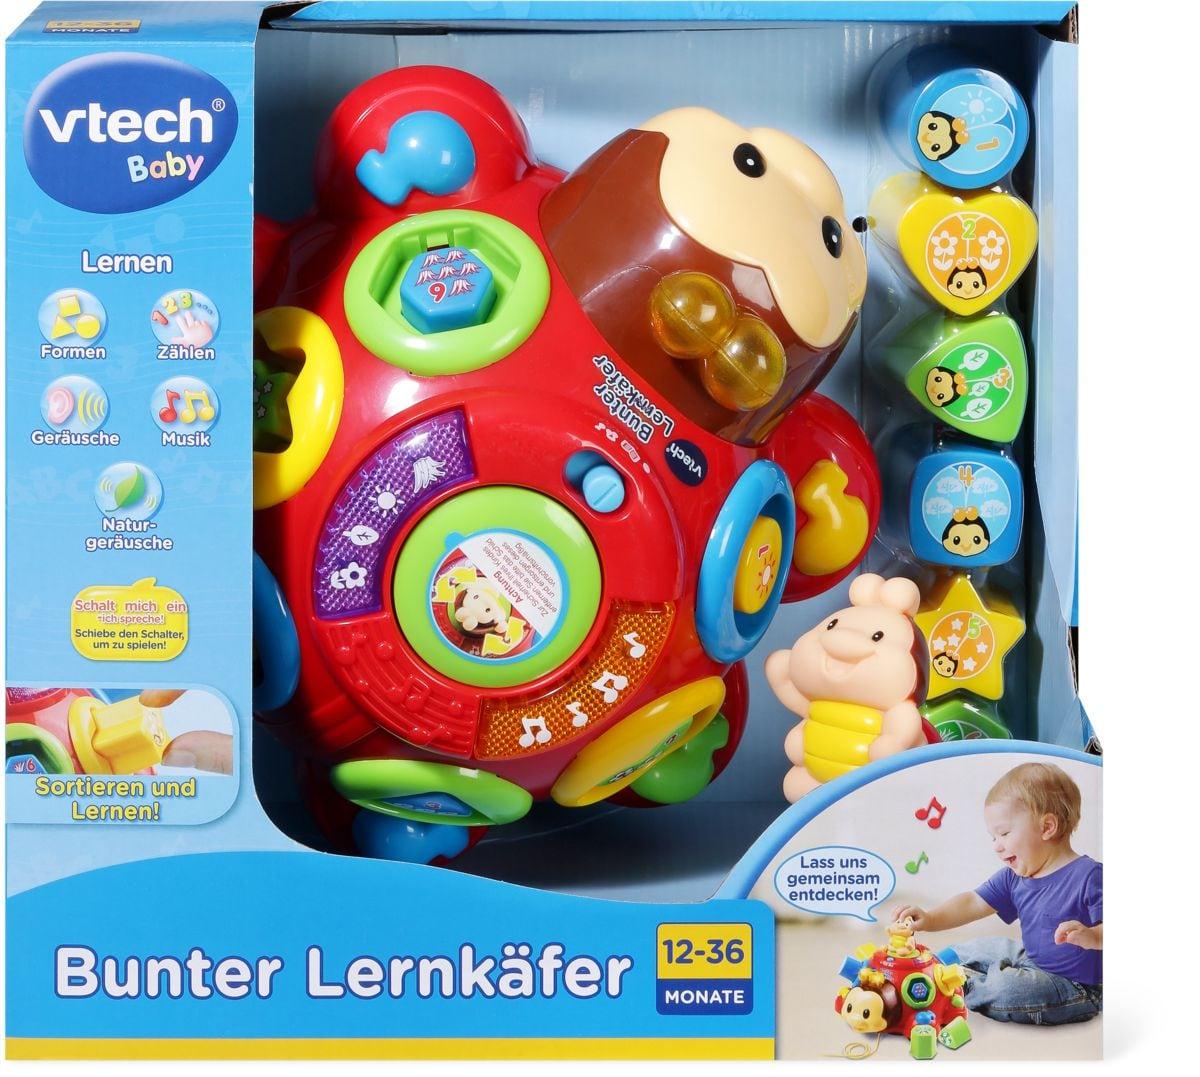 Bunter Lernkäfer (D)